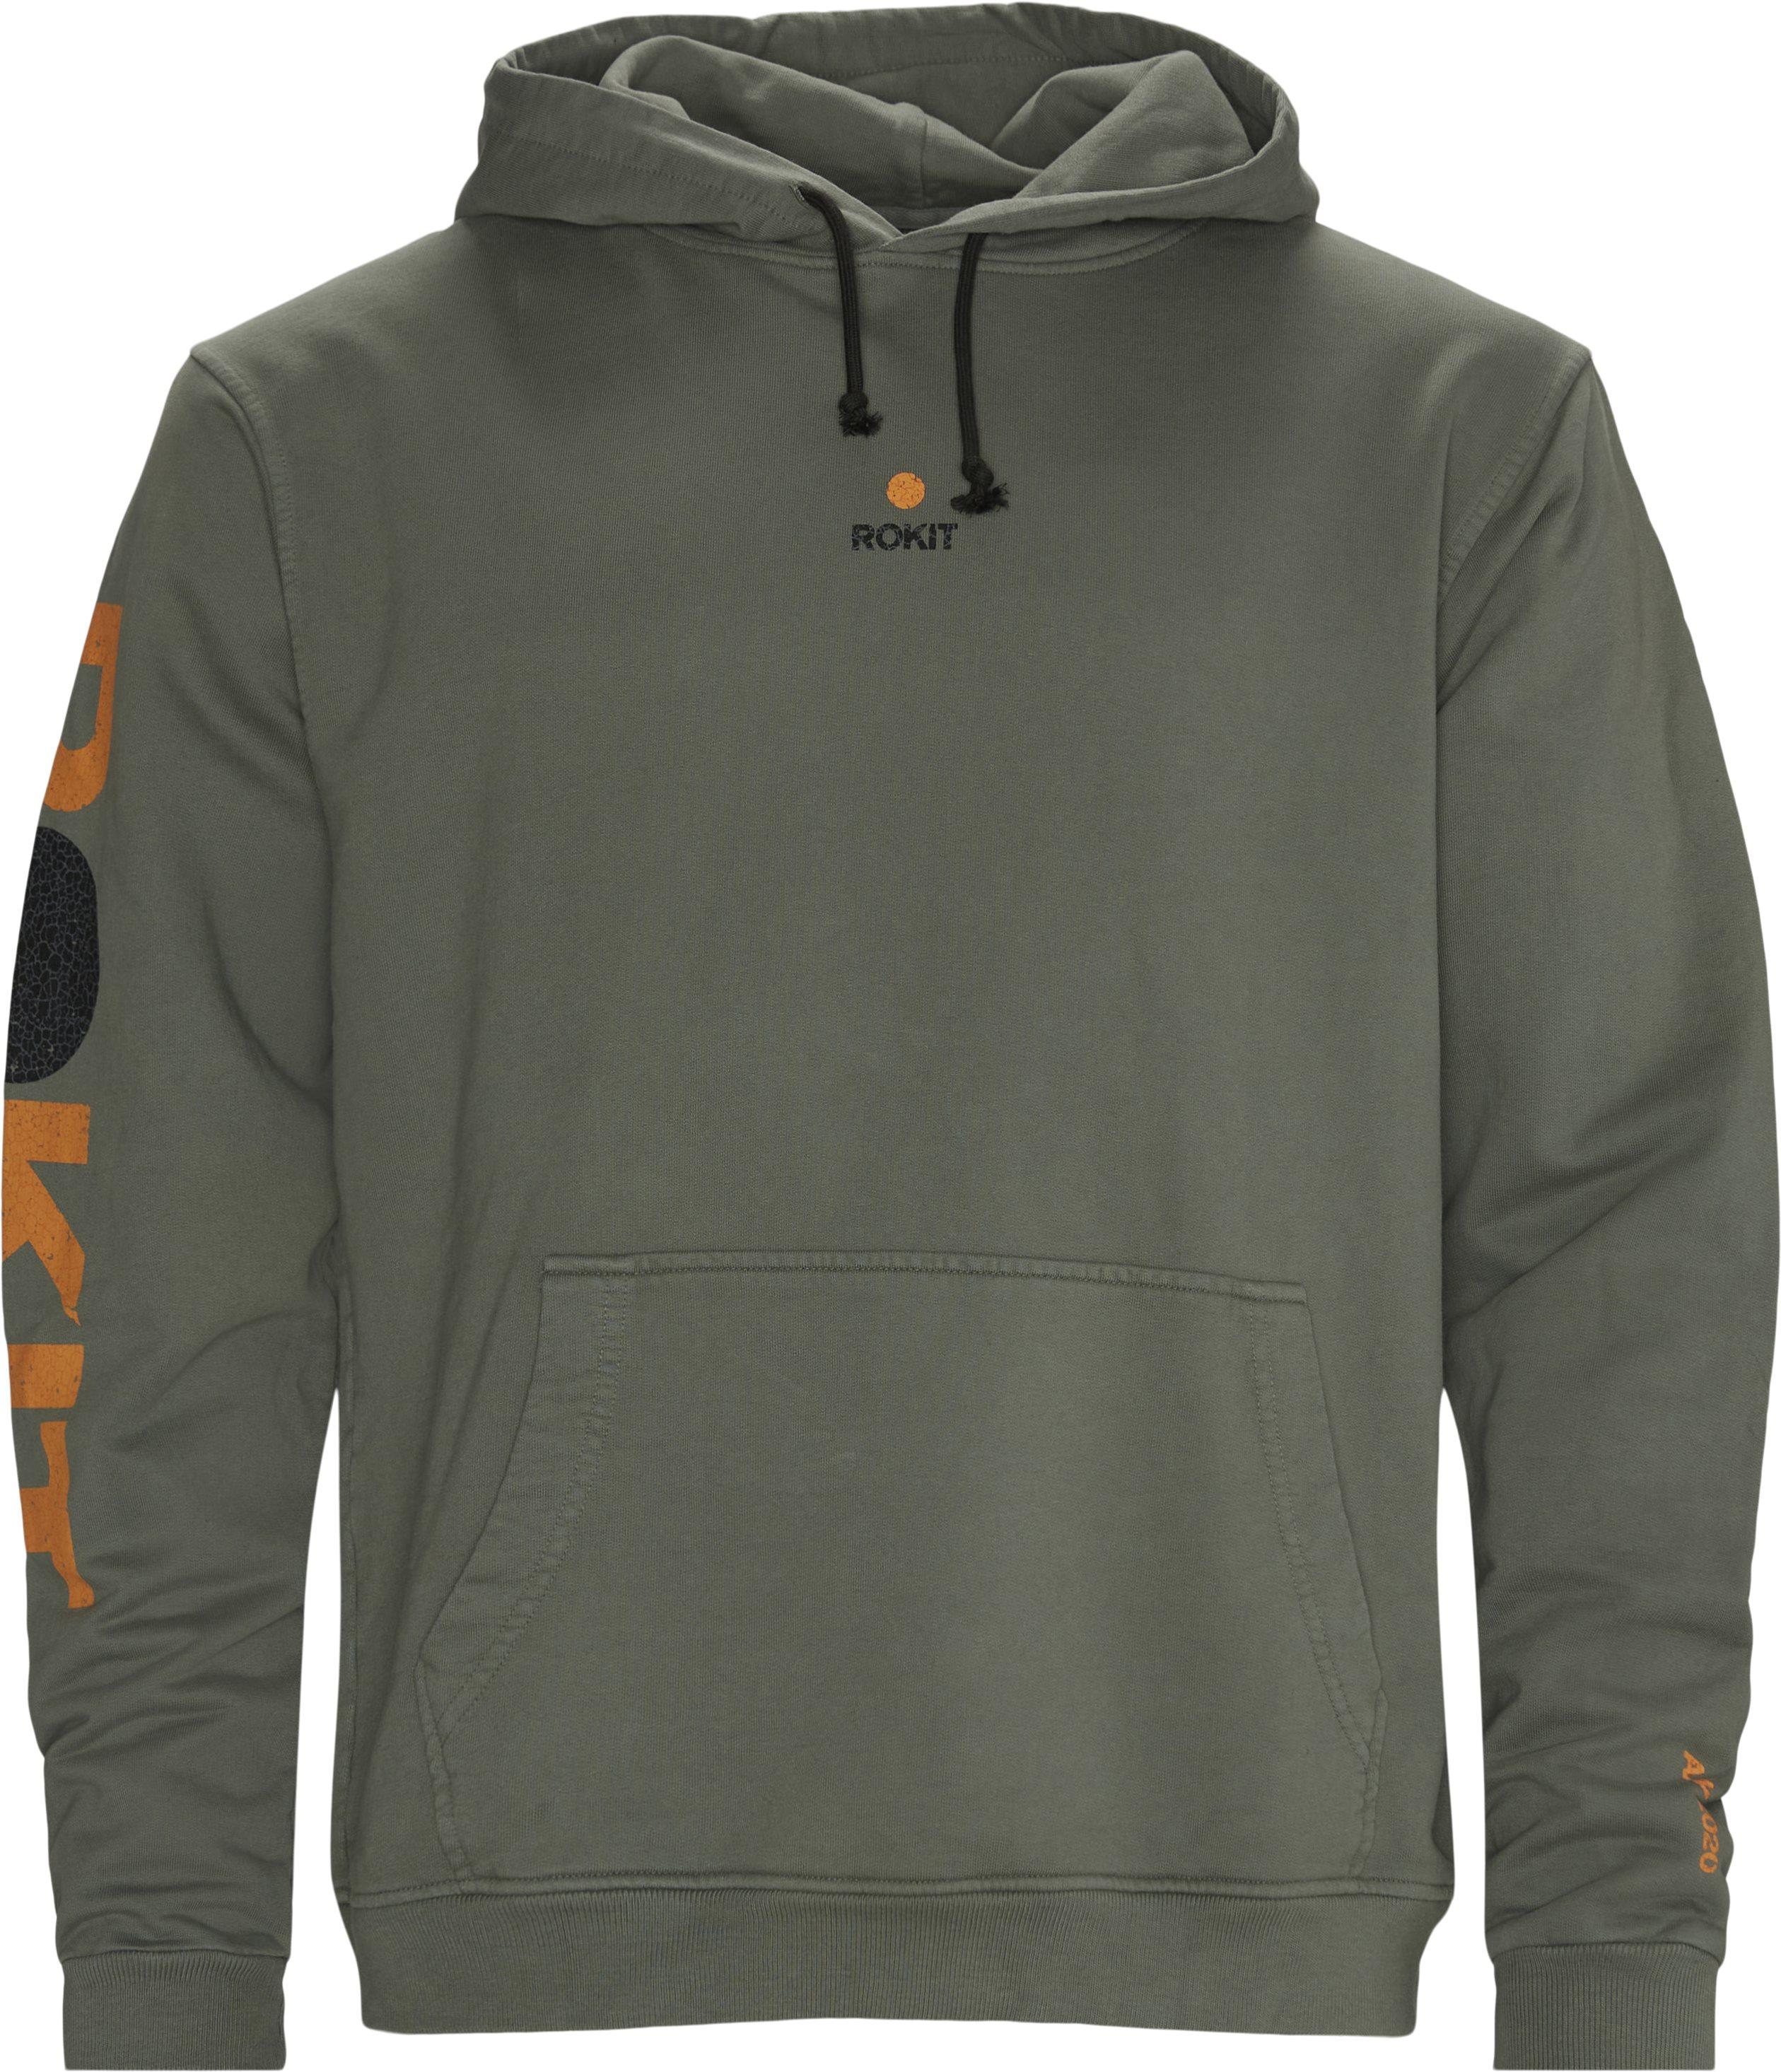 Sweatshirts - Loose fit - Grön